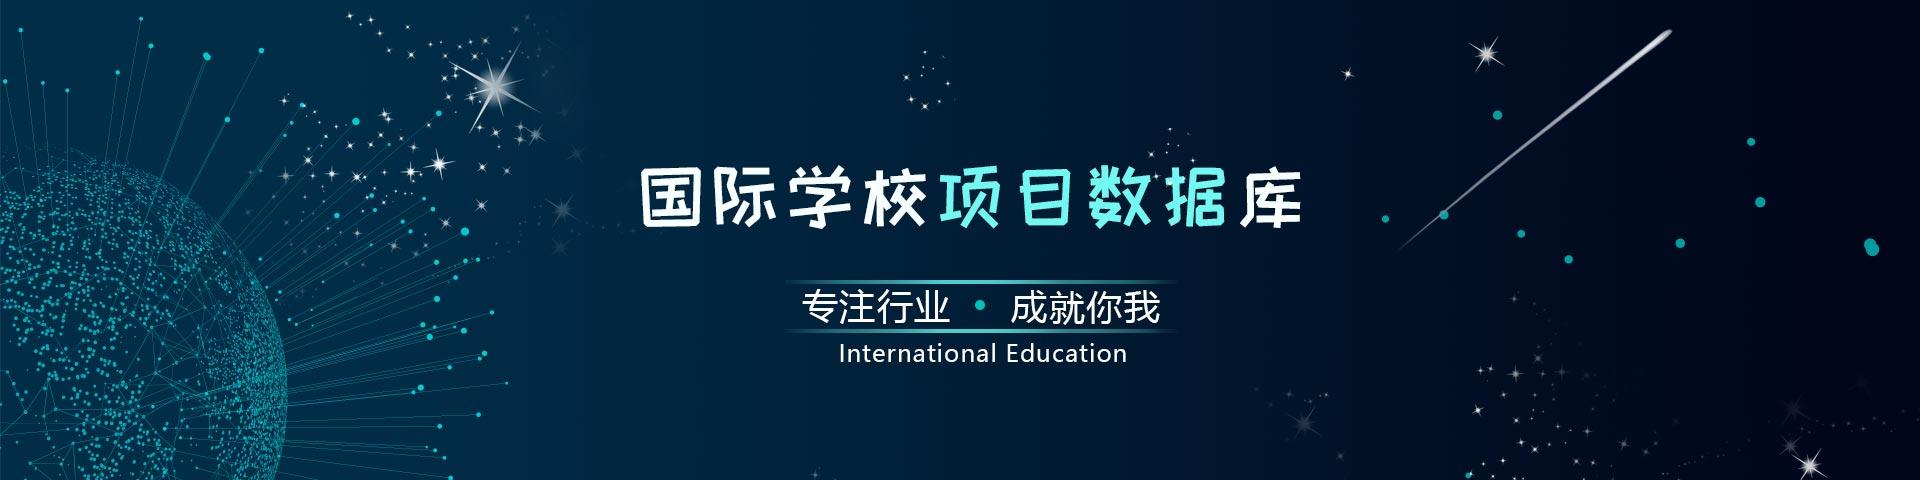 国际学校项目数据库